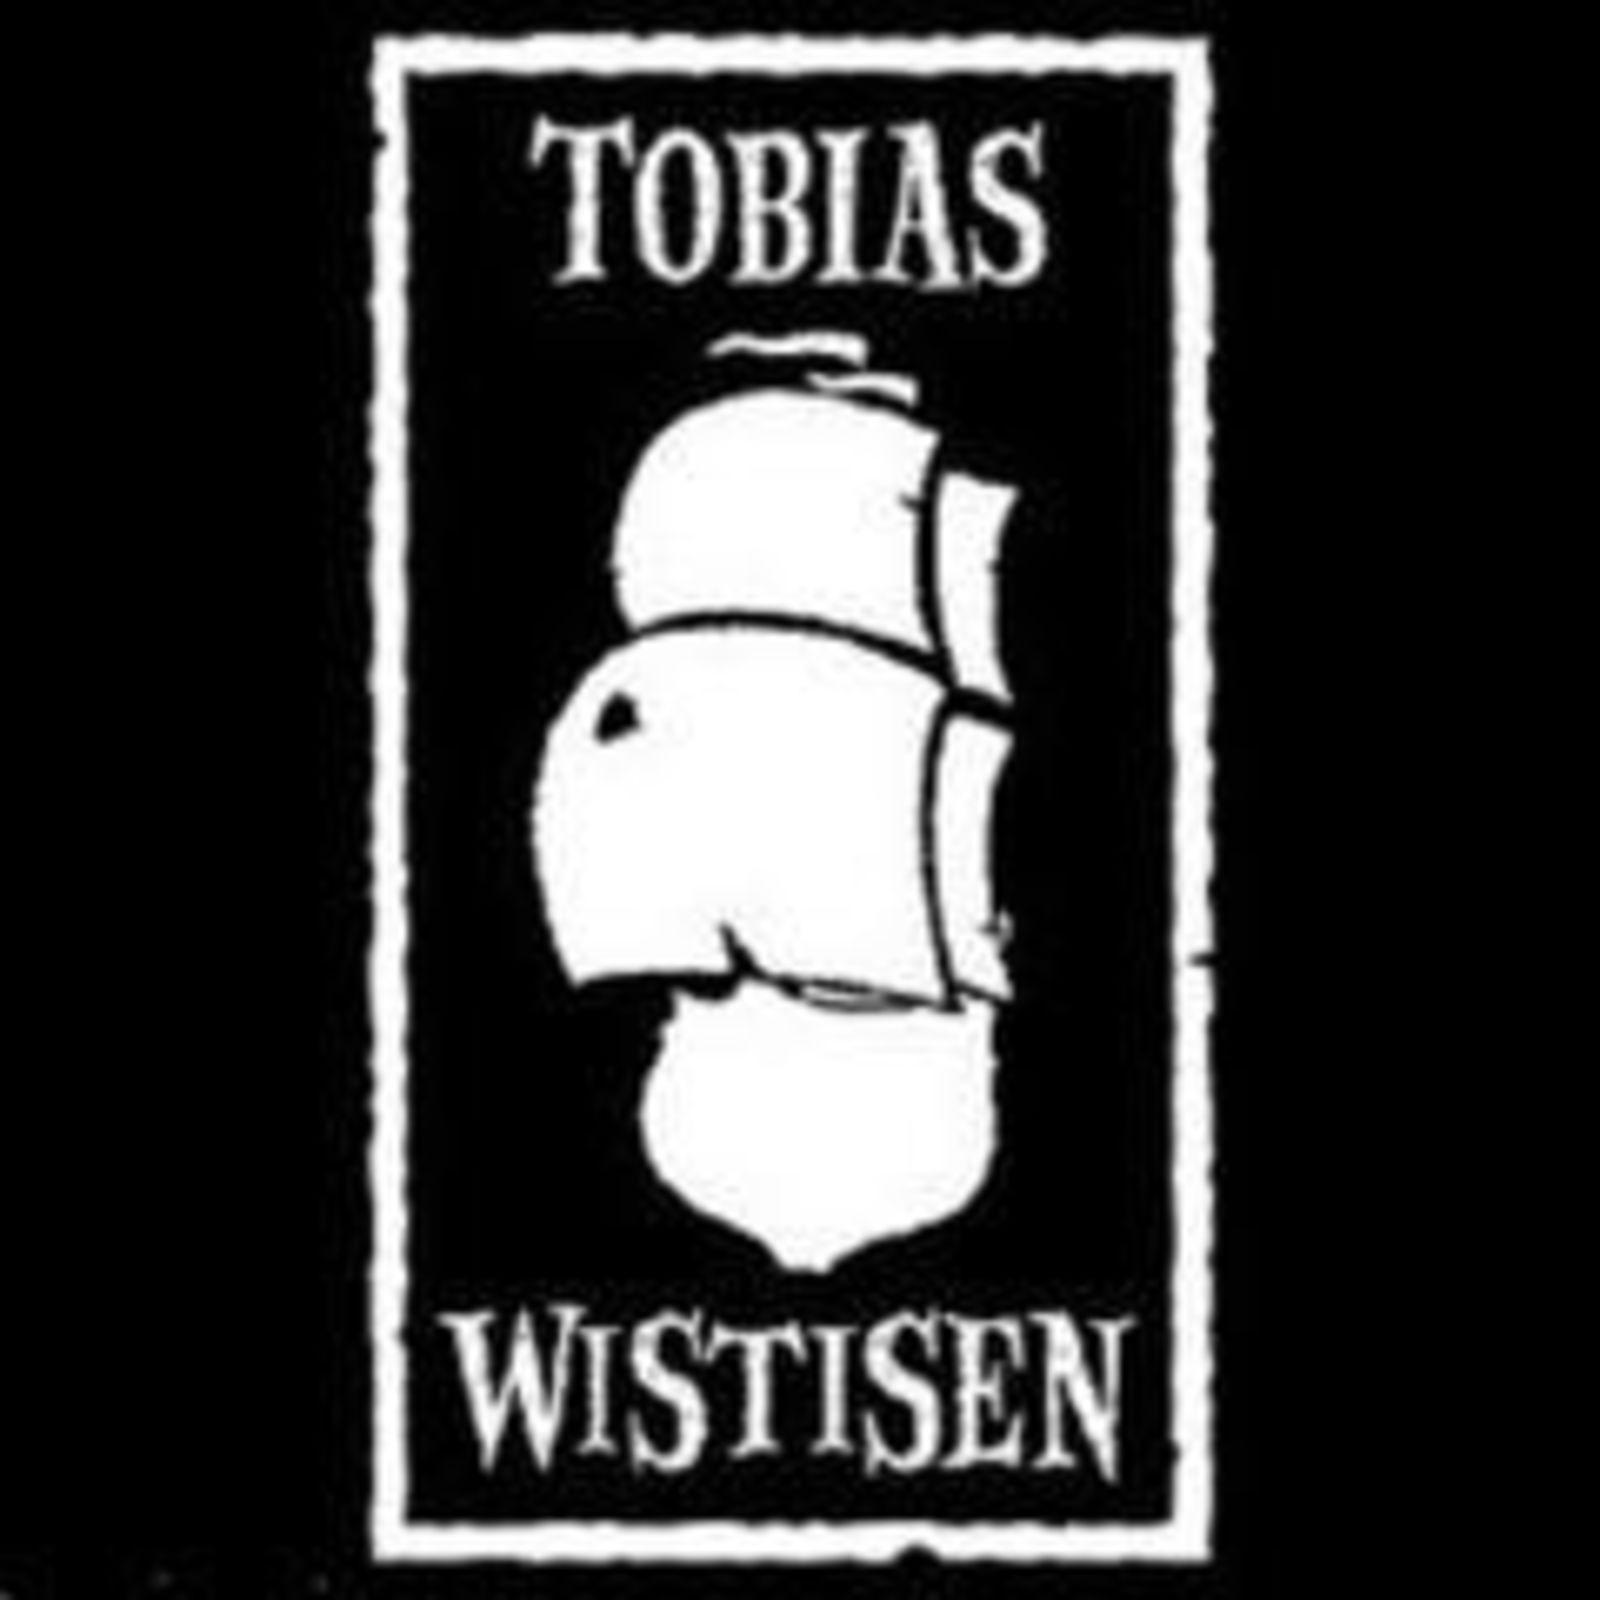 TOBIAS WISTISEN